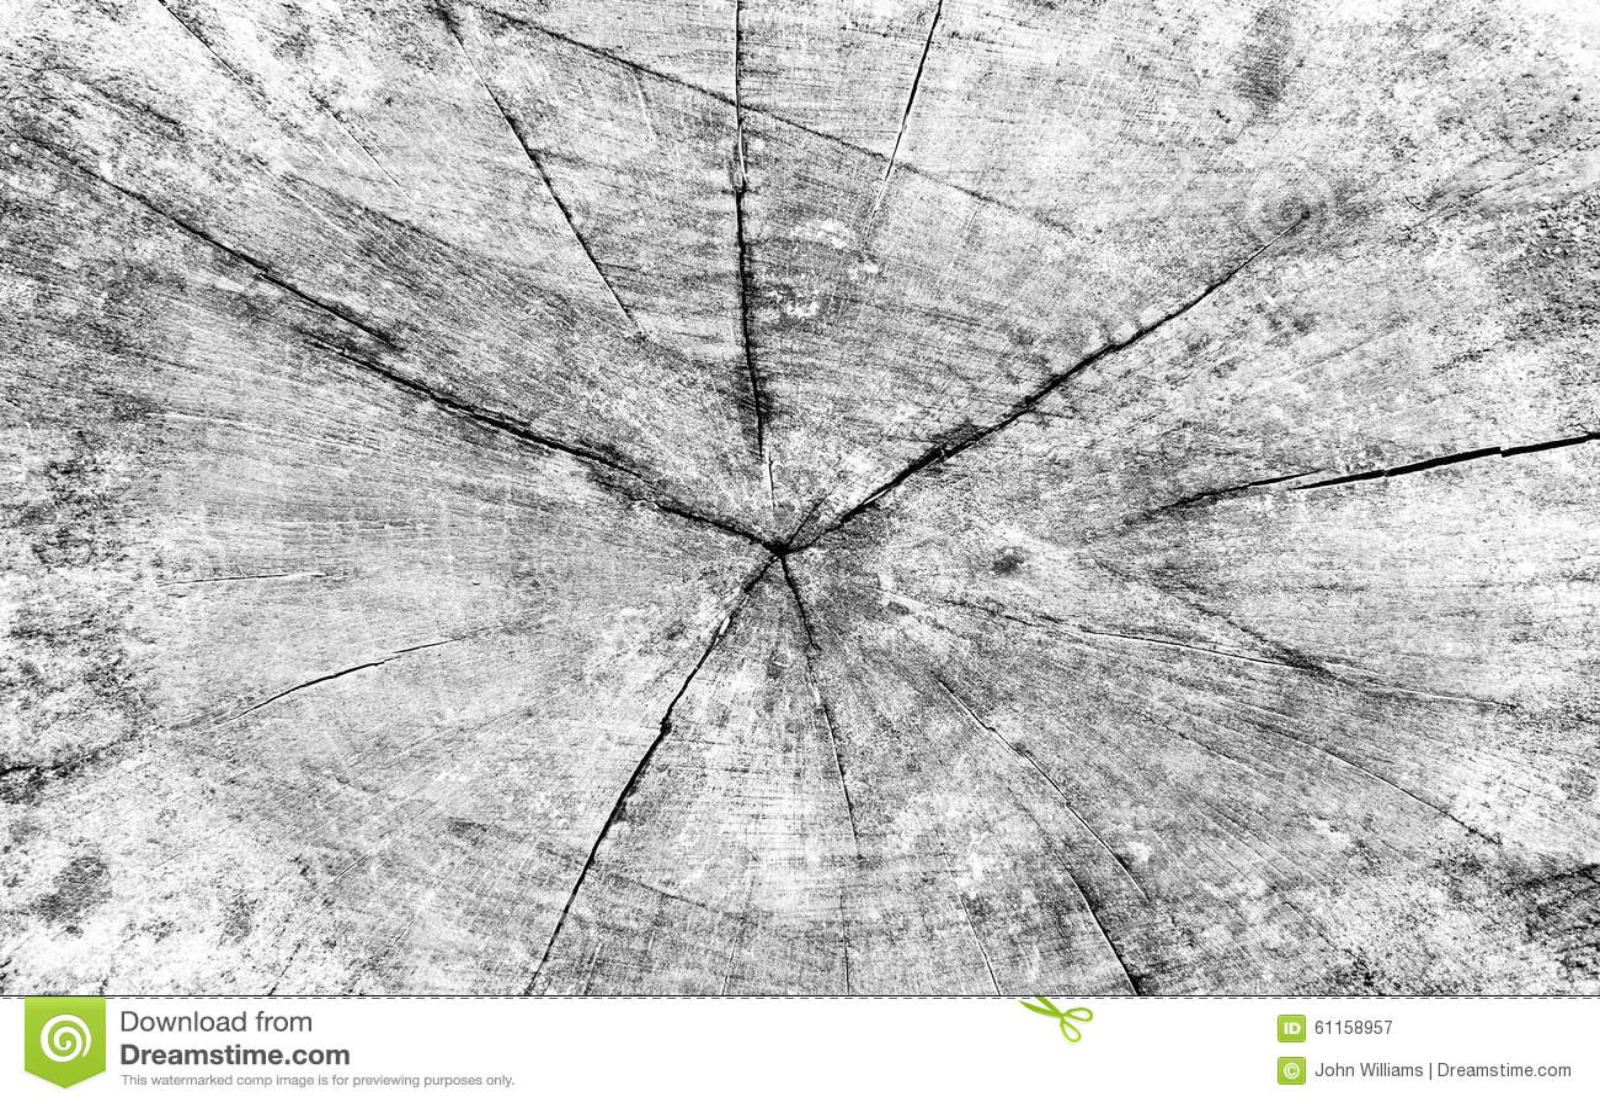 Coupez la section transversale de tronc d 39 arbre photo - Coupe transversale d un tronc d arbre ...